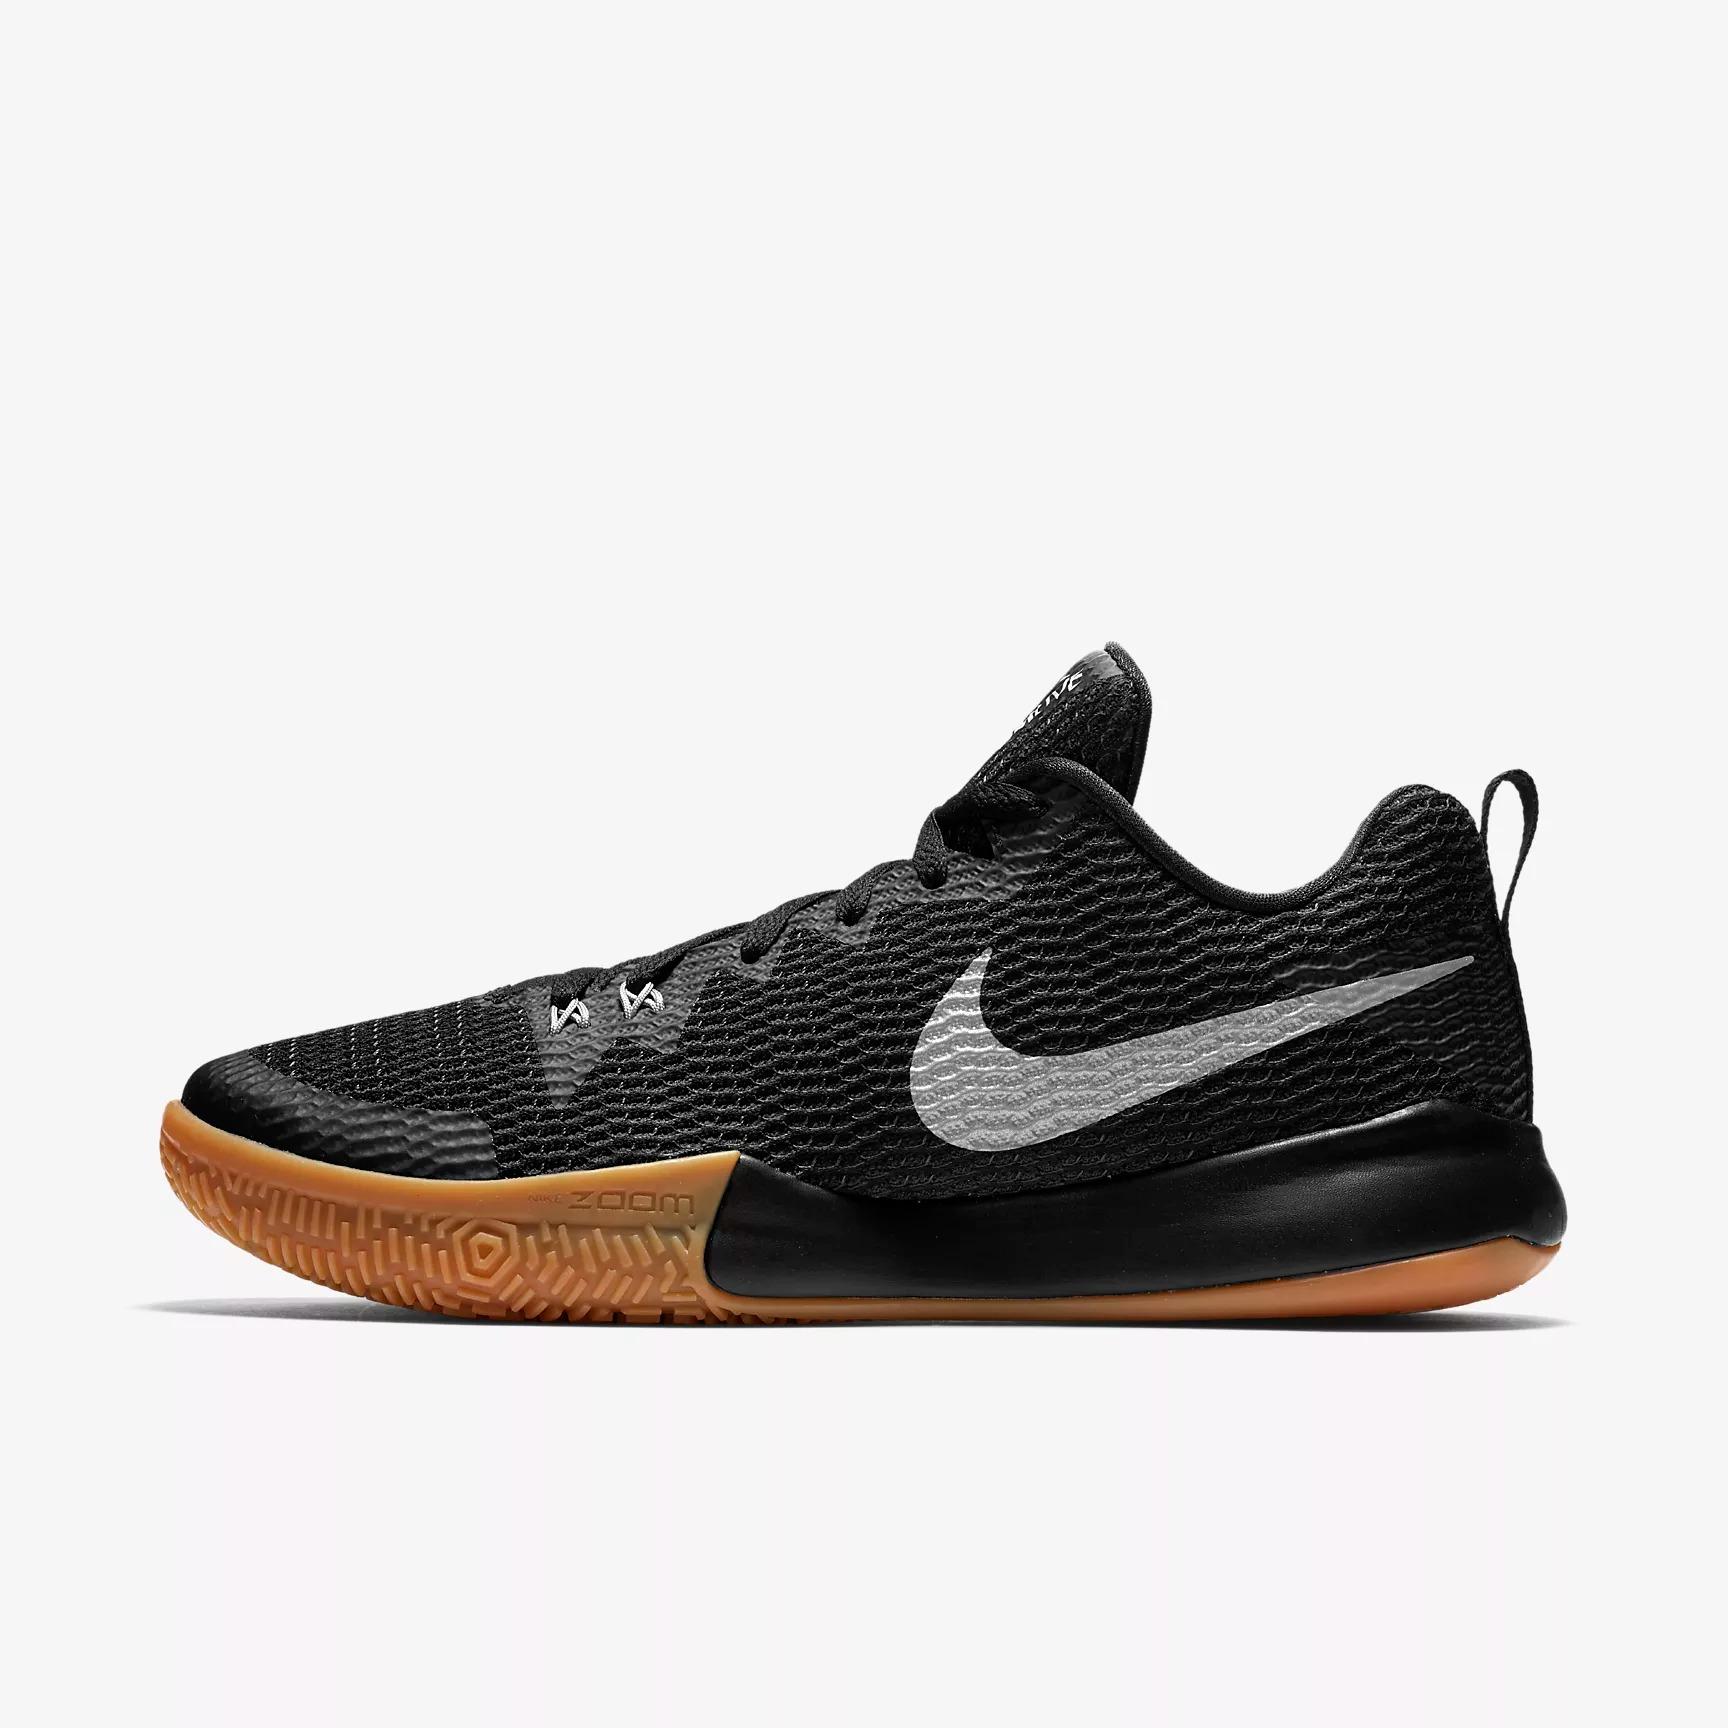 Nike Zoom Live II - BASKETBALL SHOES NIKE Basketball shoes ...